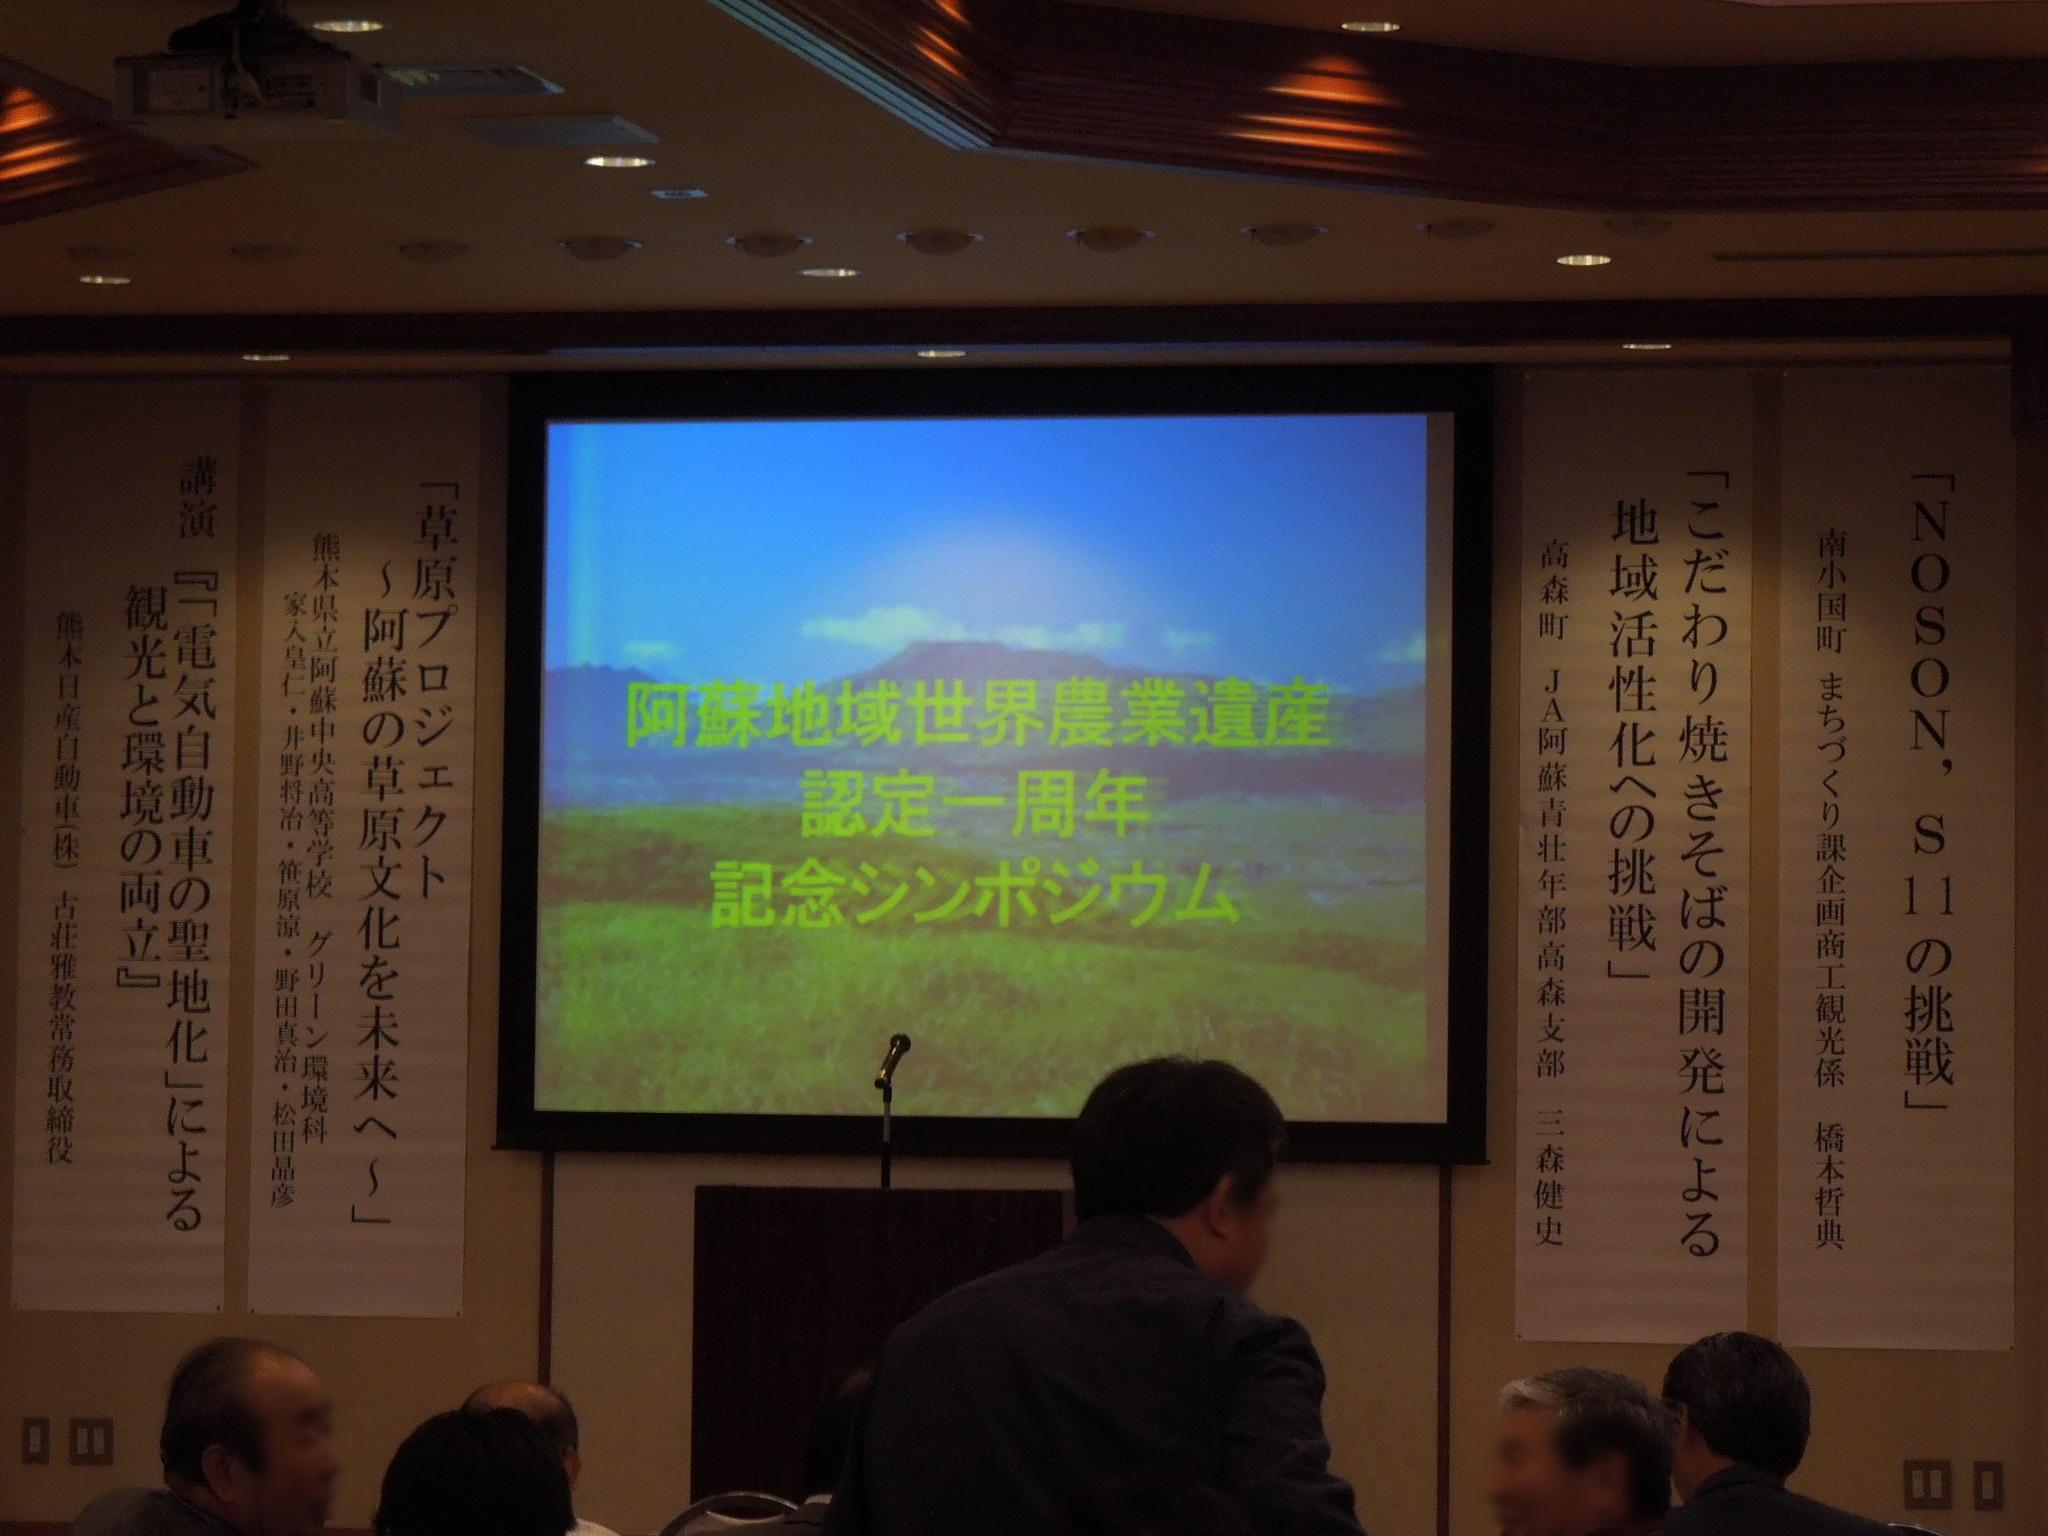 阿蘇地域世界農業遺産 一周年記念シンポジウム